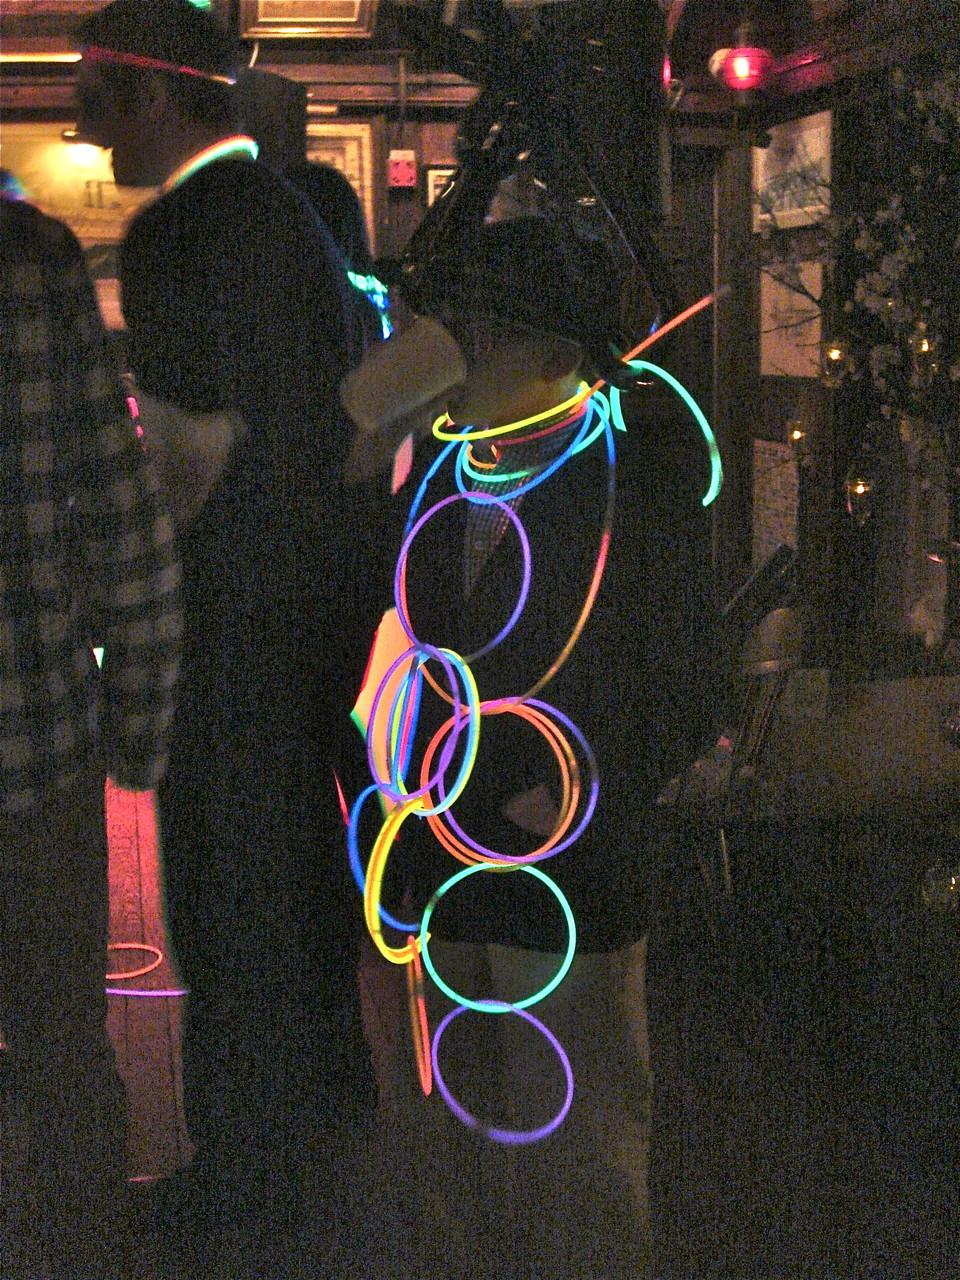 Stuart Kagel III isn't dancing, but he loves the glow sticks!